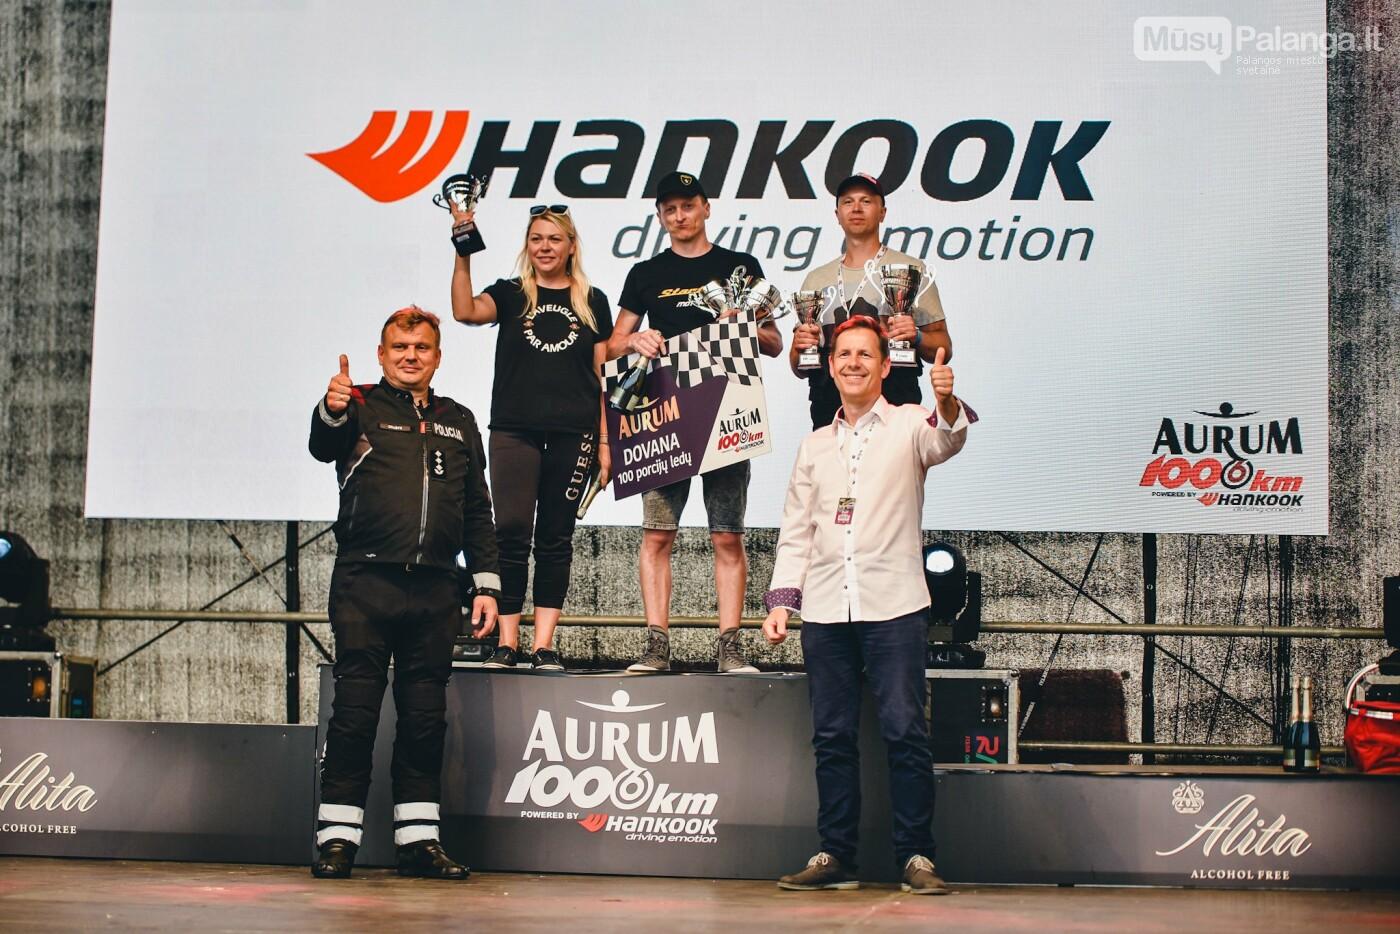 Jubiliejinės drag'o varžybos – pagal atrankos rezultatus , nuotrauka-12, Vytauto PILKAUSKO ir Arno STRUMILOS nuotraukos